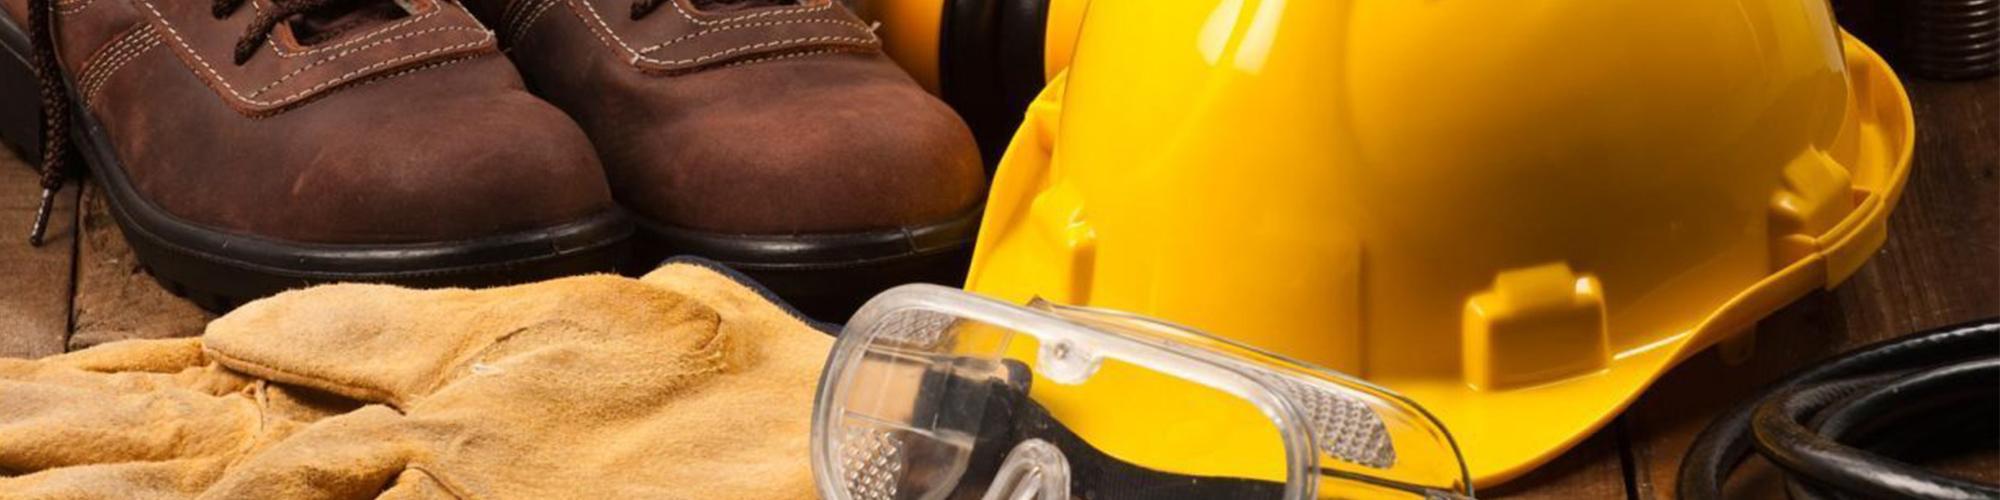 VOCÊ SABIA? O acidente de trajeto NÃO é mais considerado acidente de trabalho…